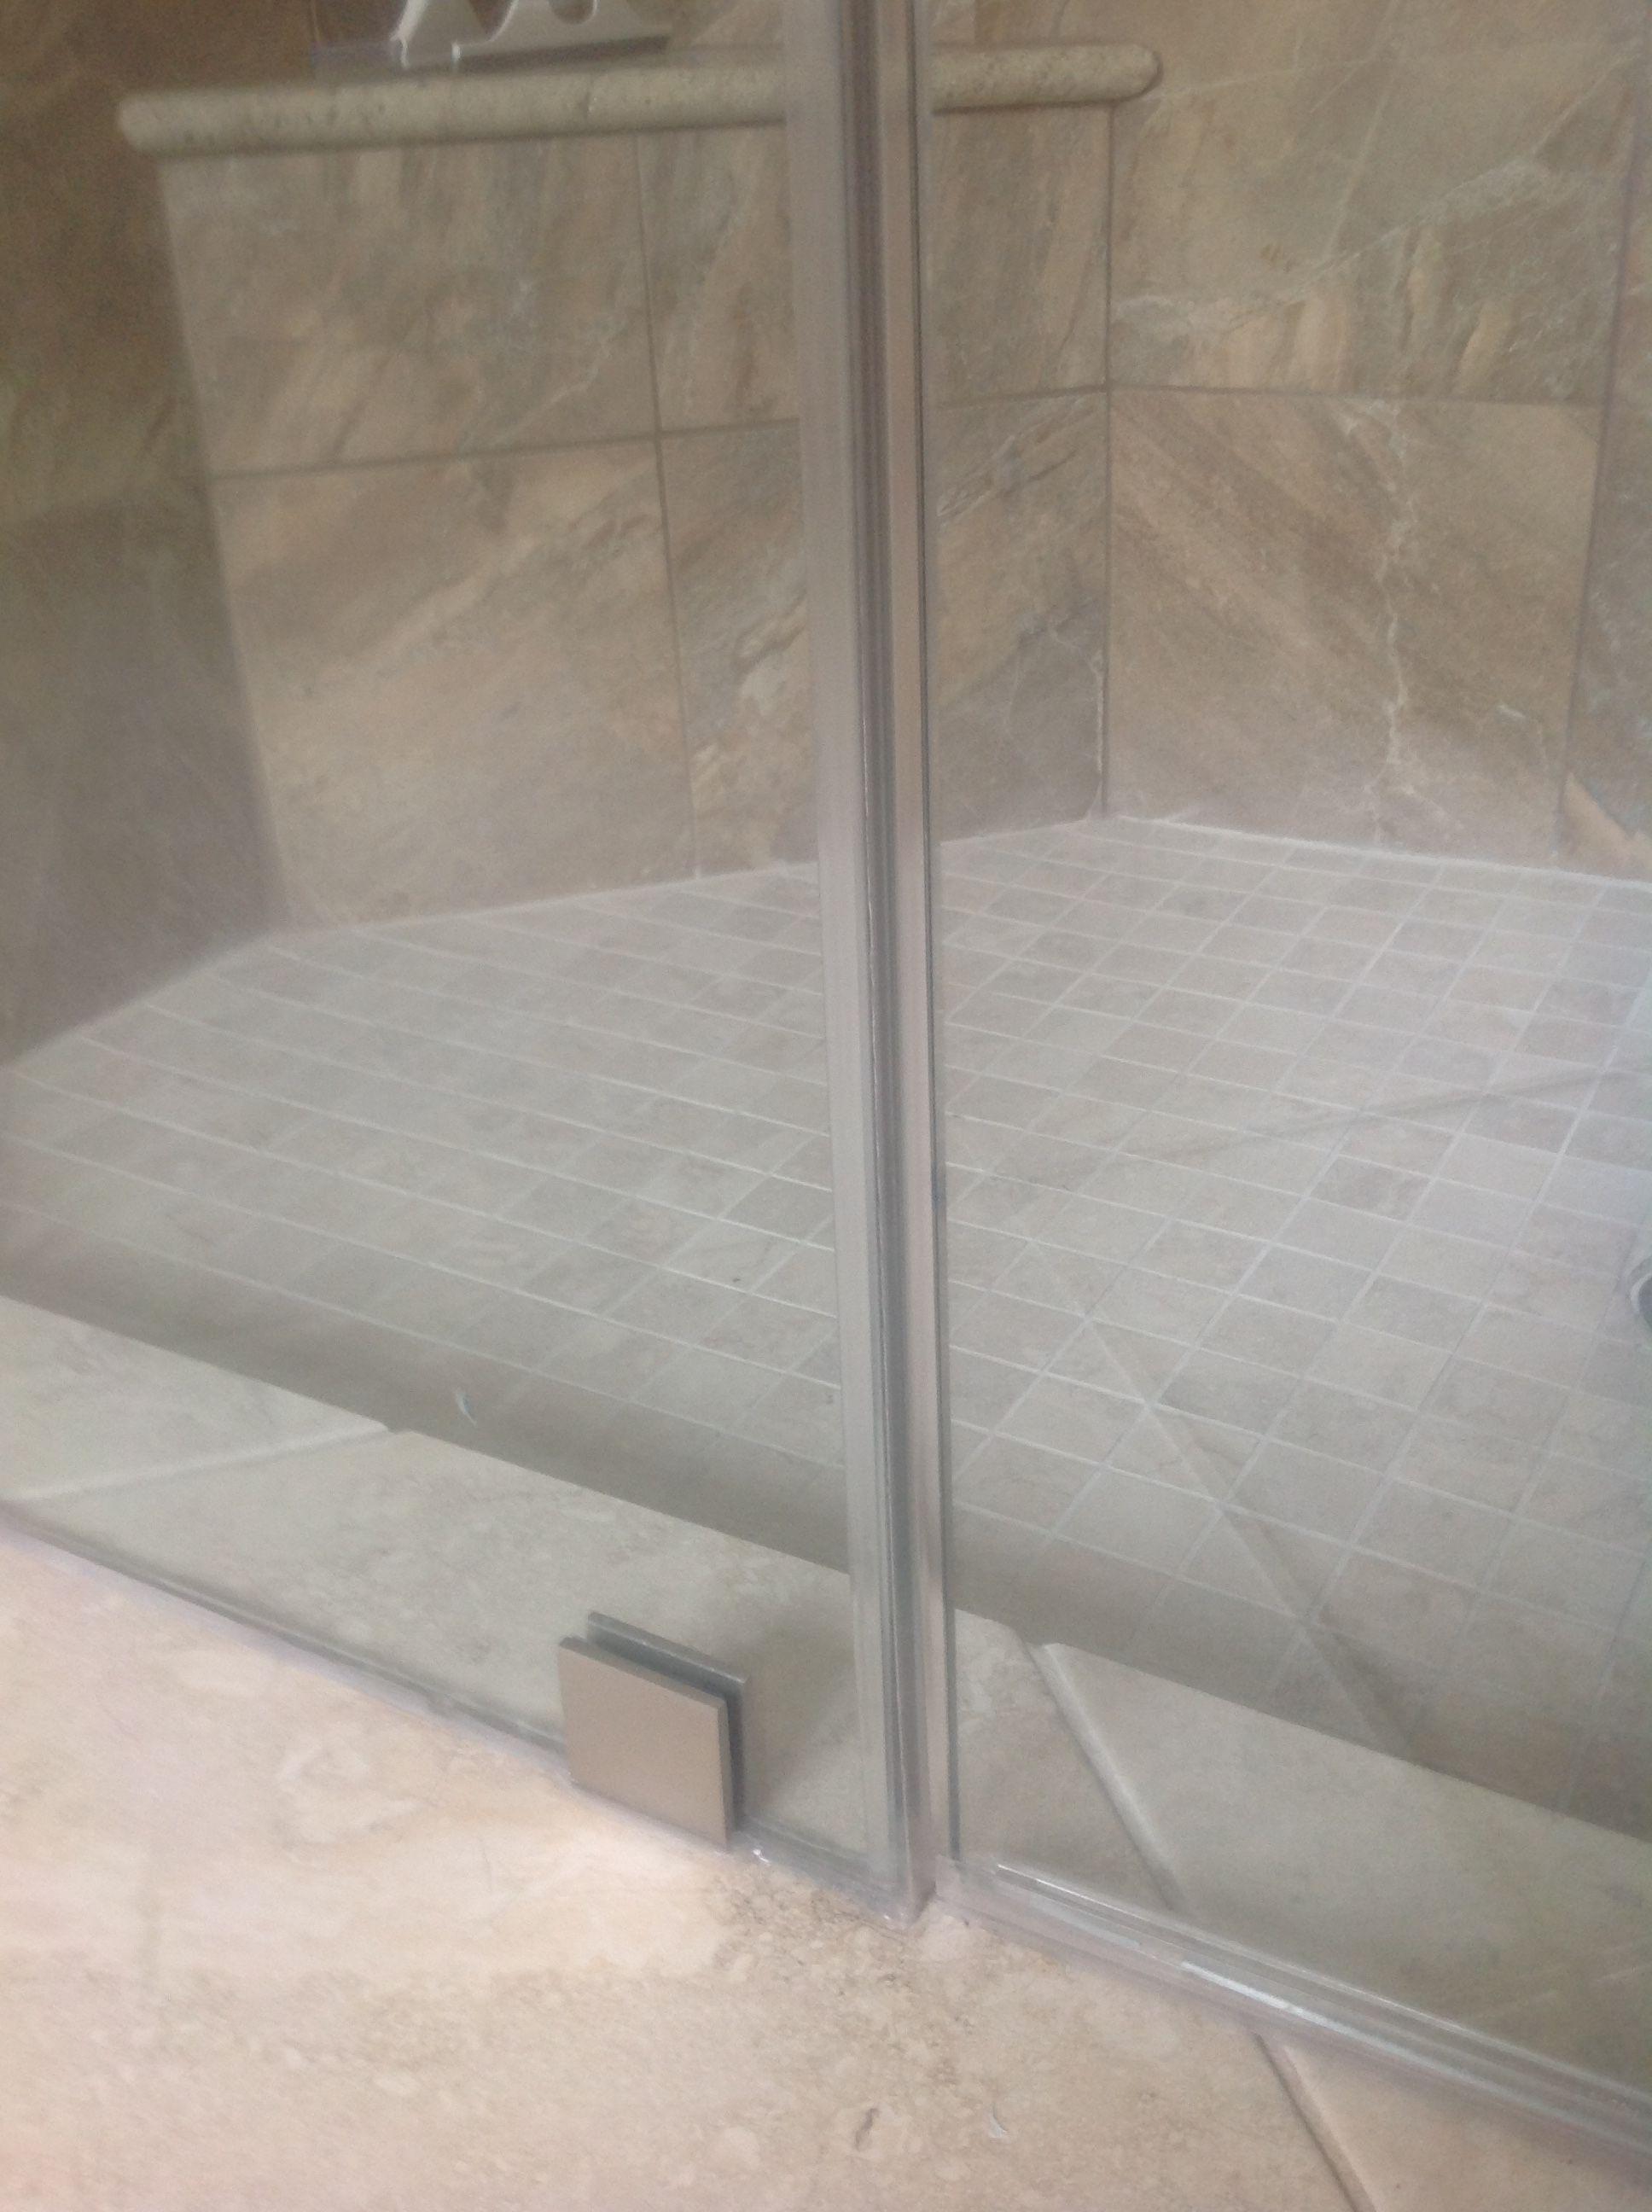 Shower door plastic molding